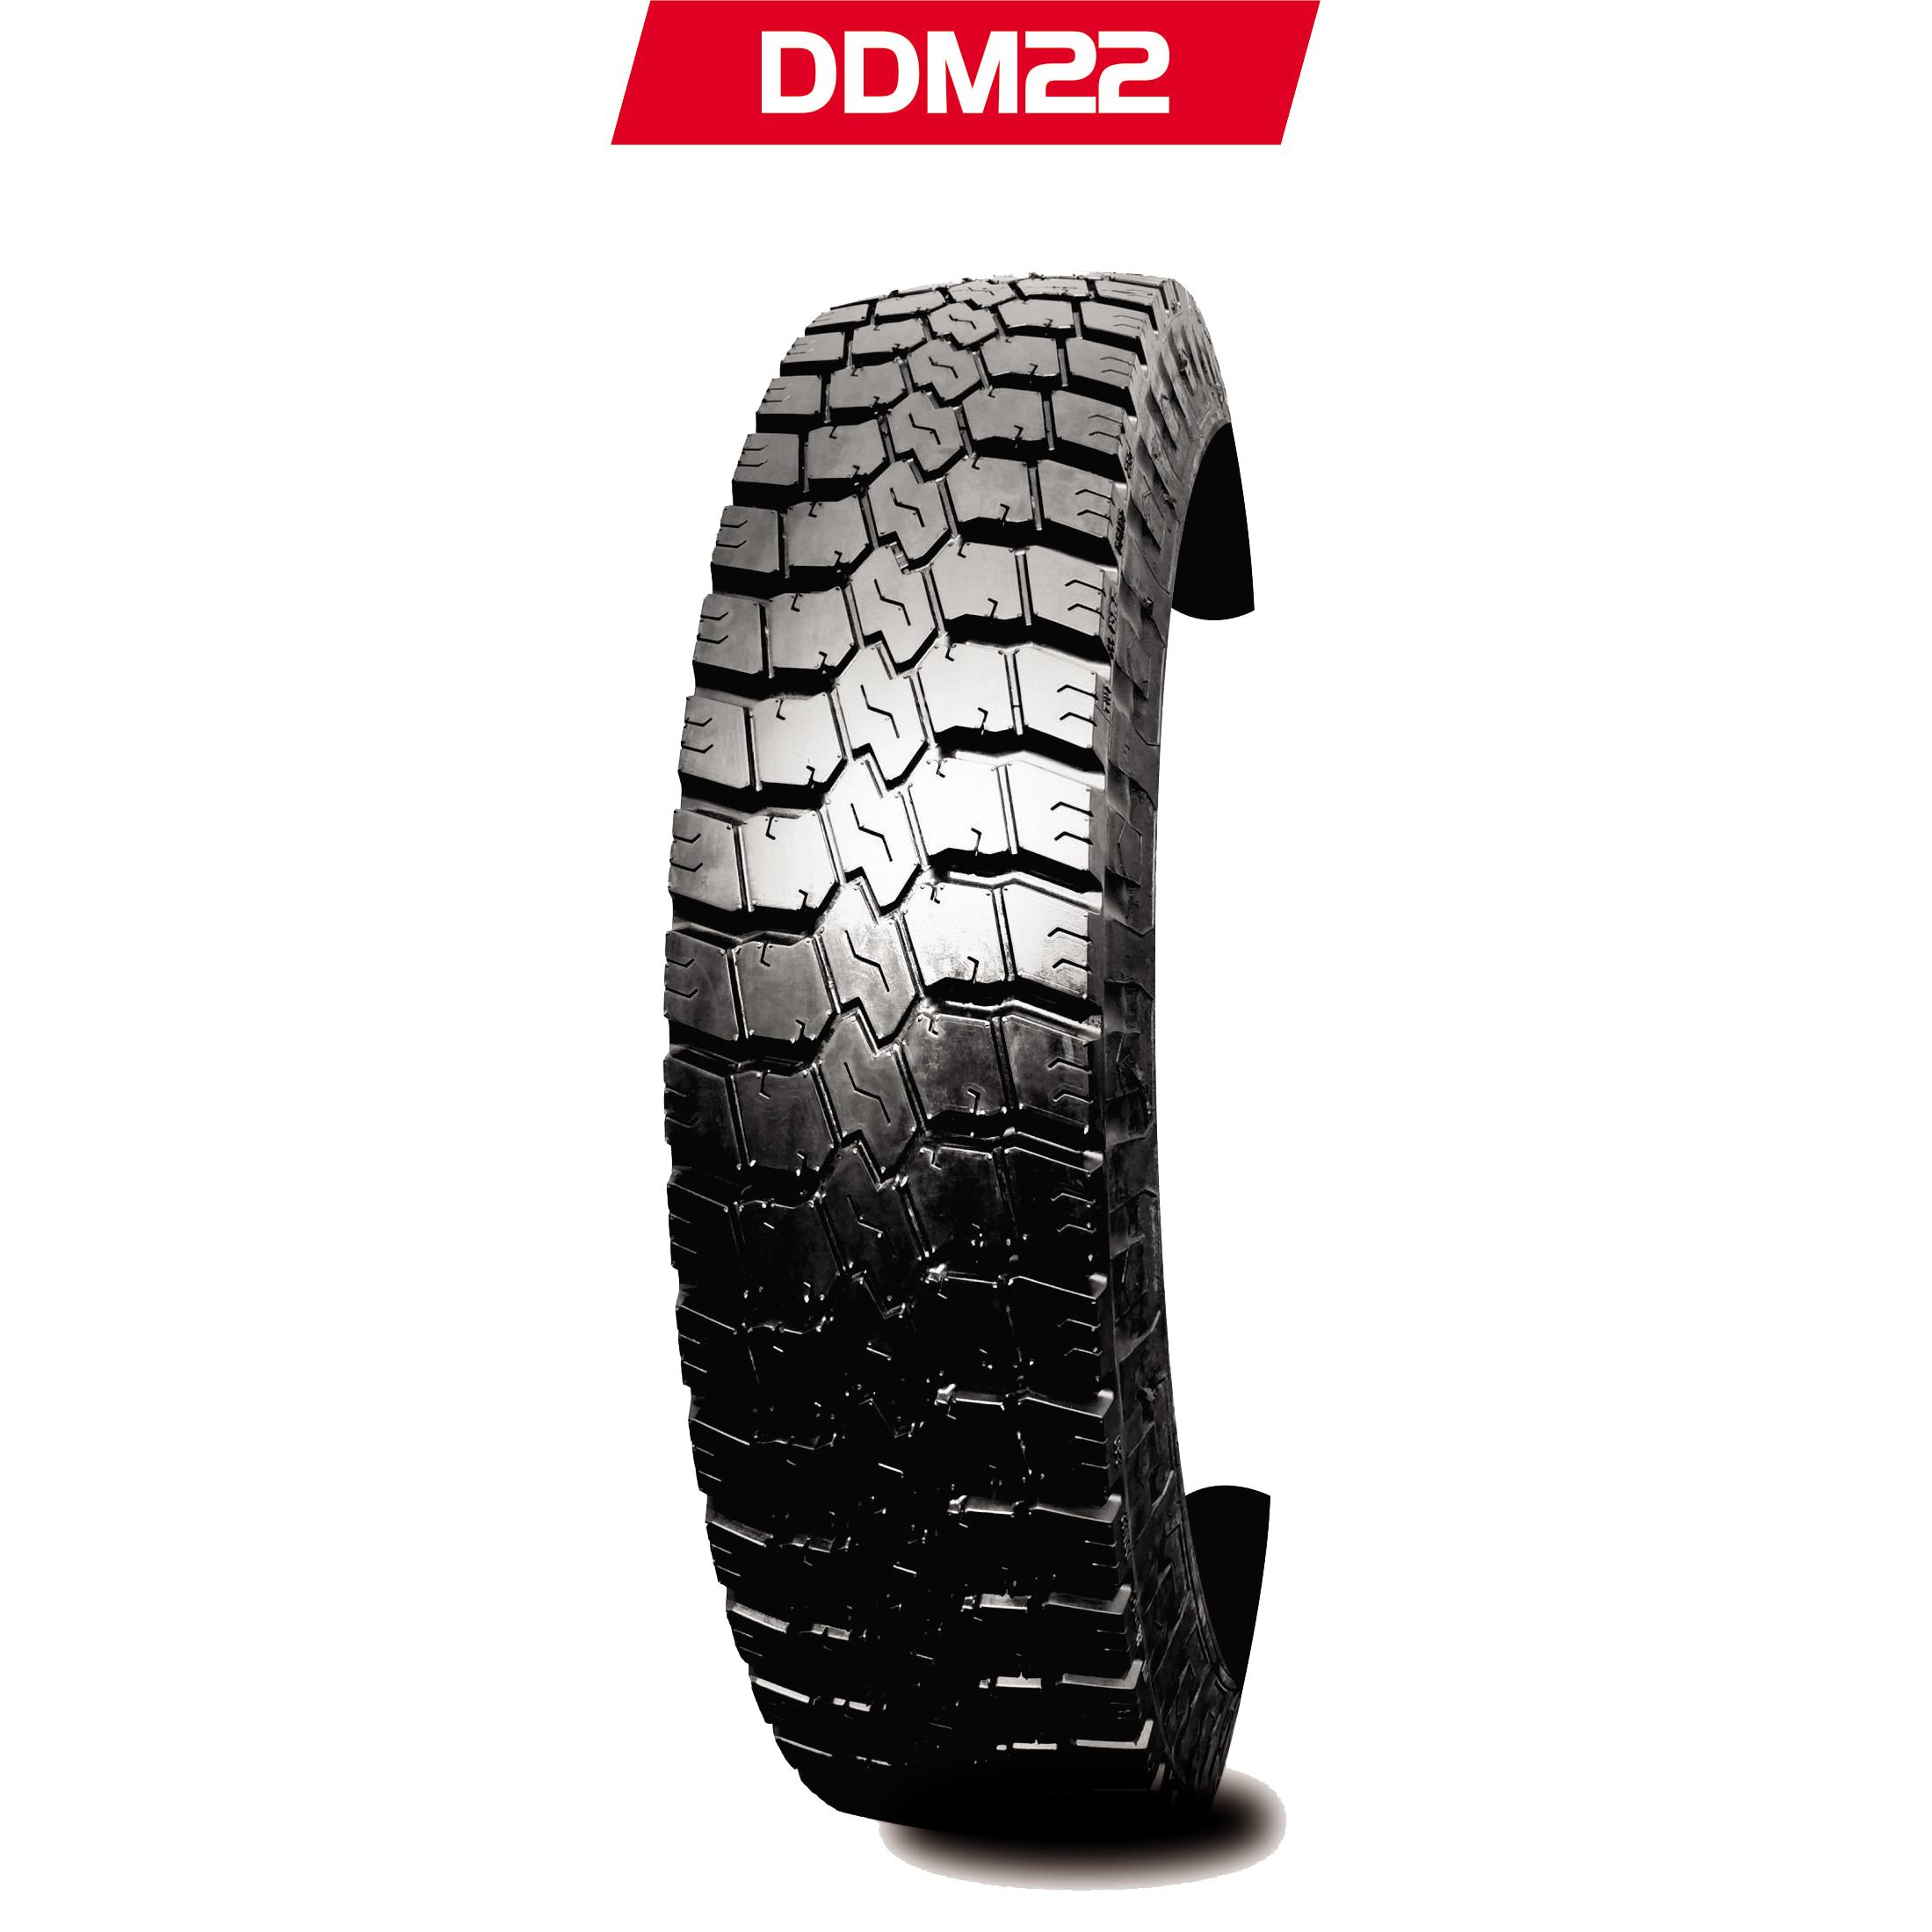 DDM22